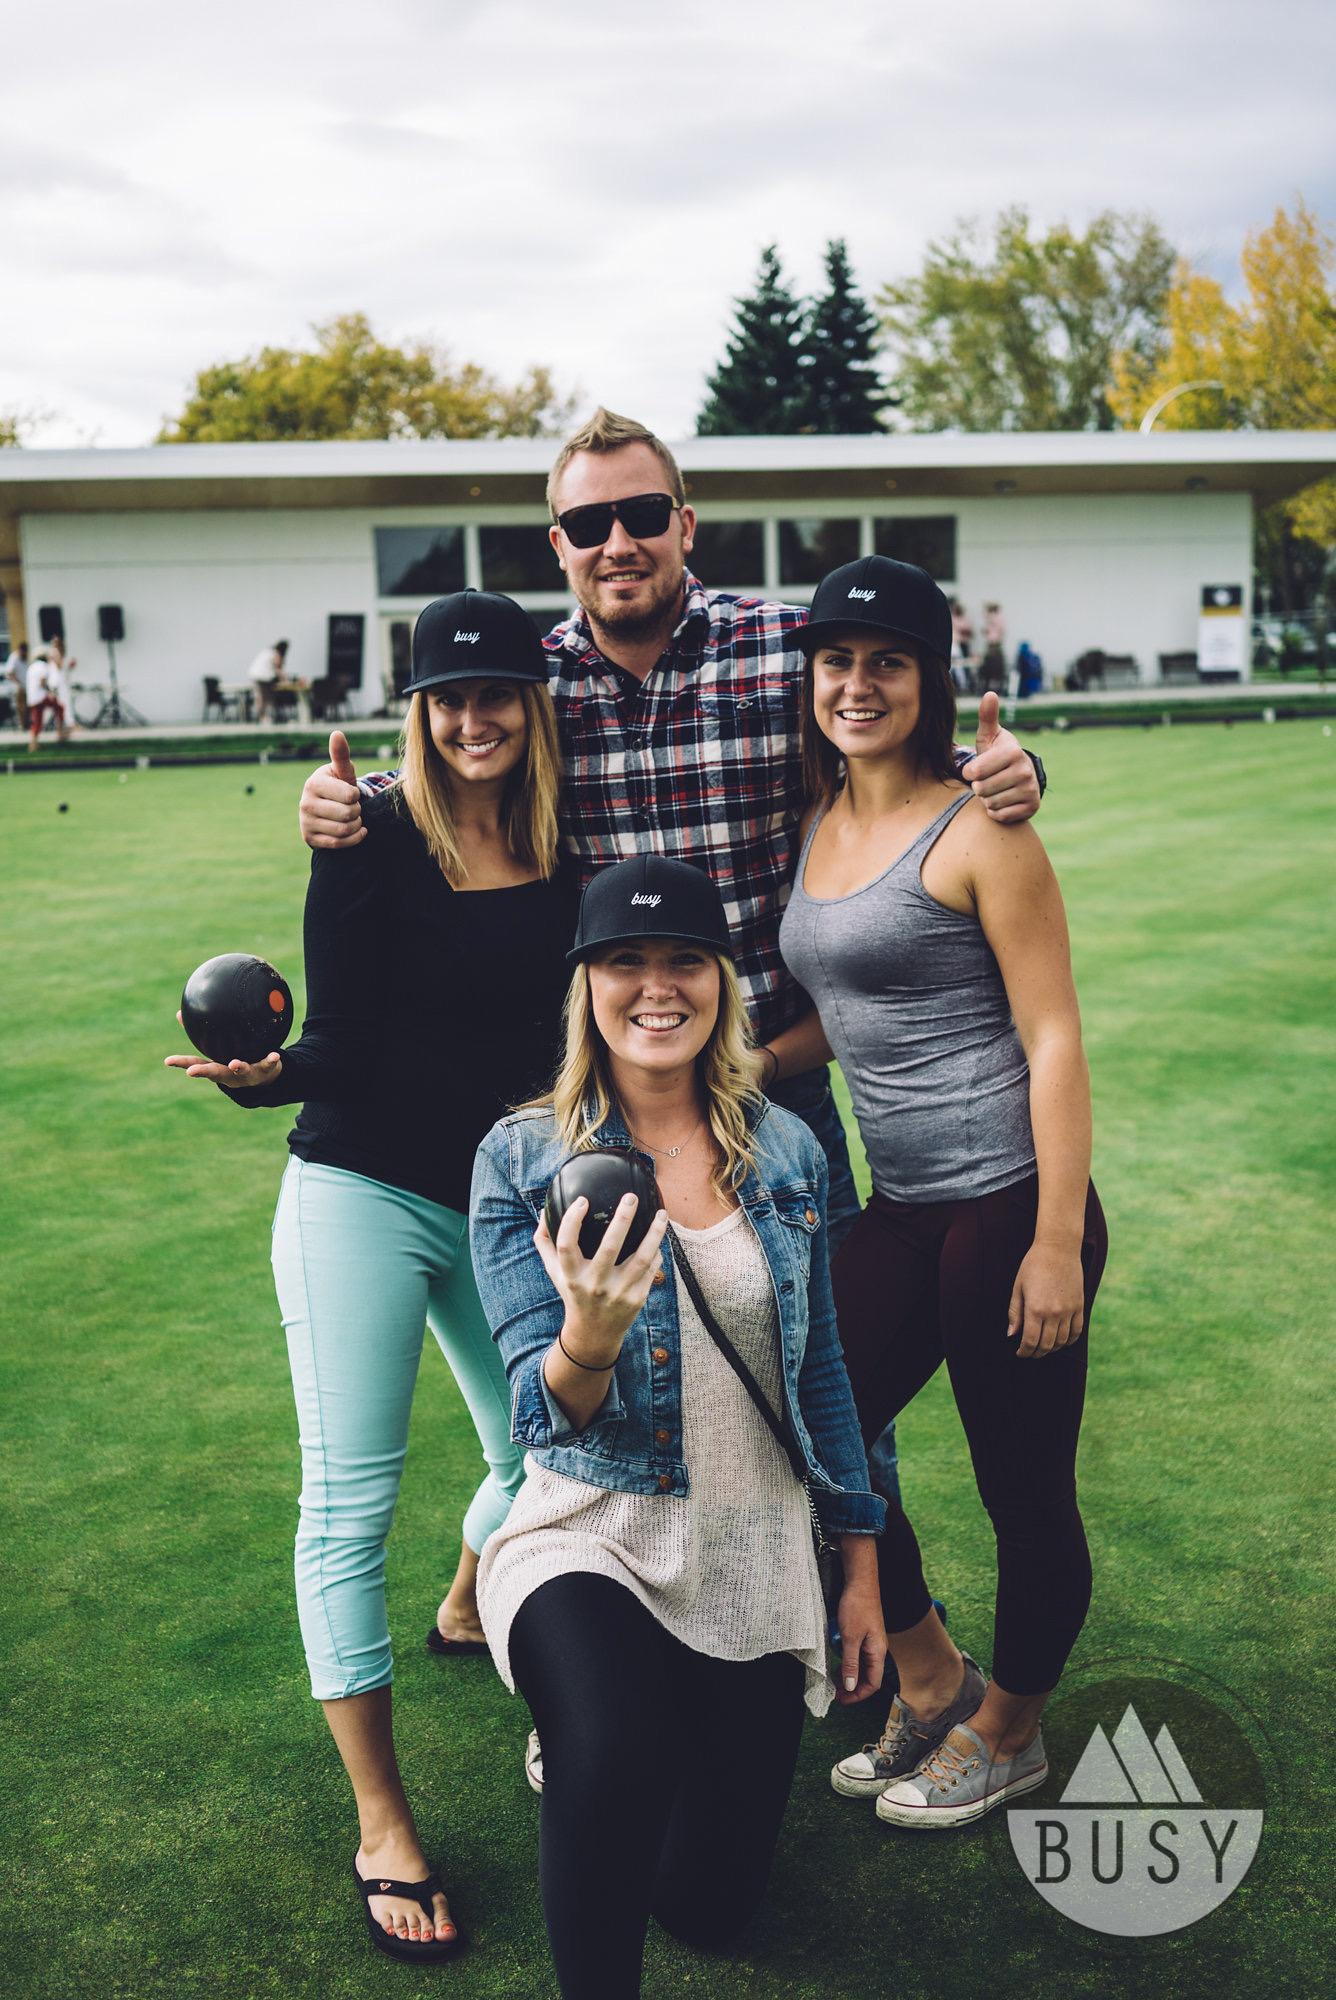 BUSY Lawn Bowling-07611.jpg